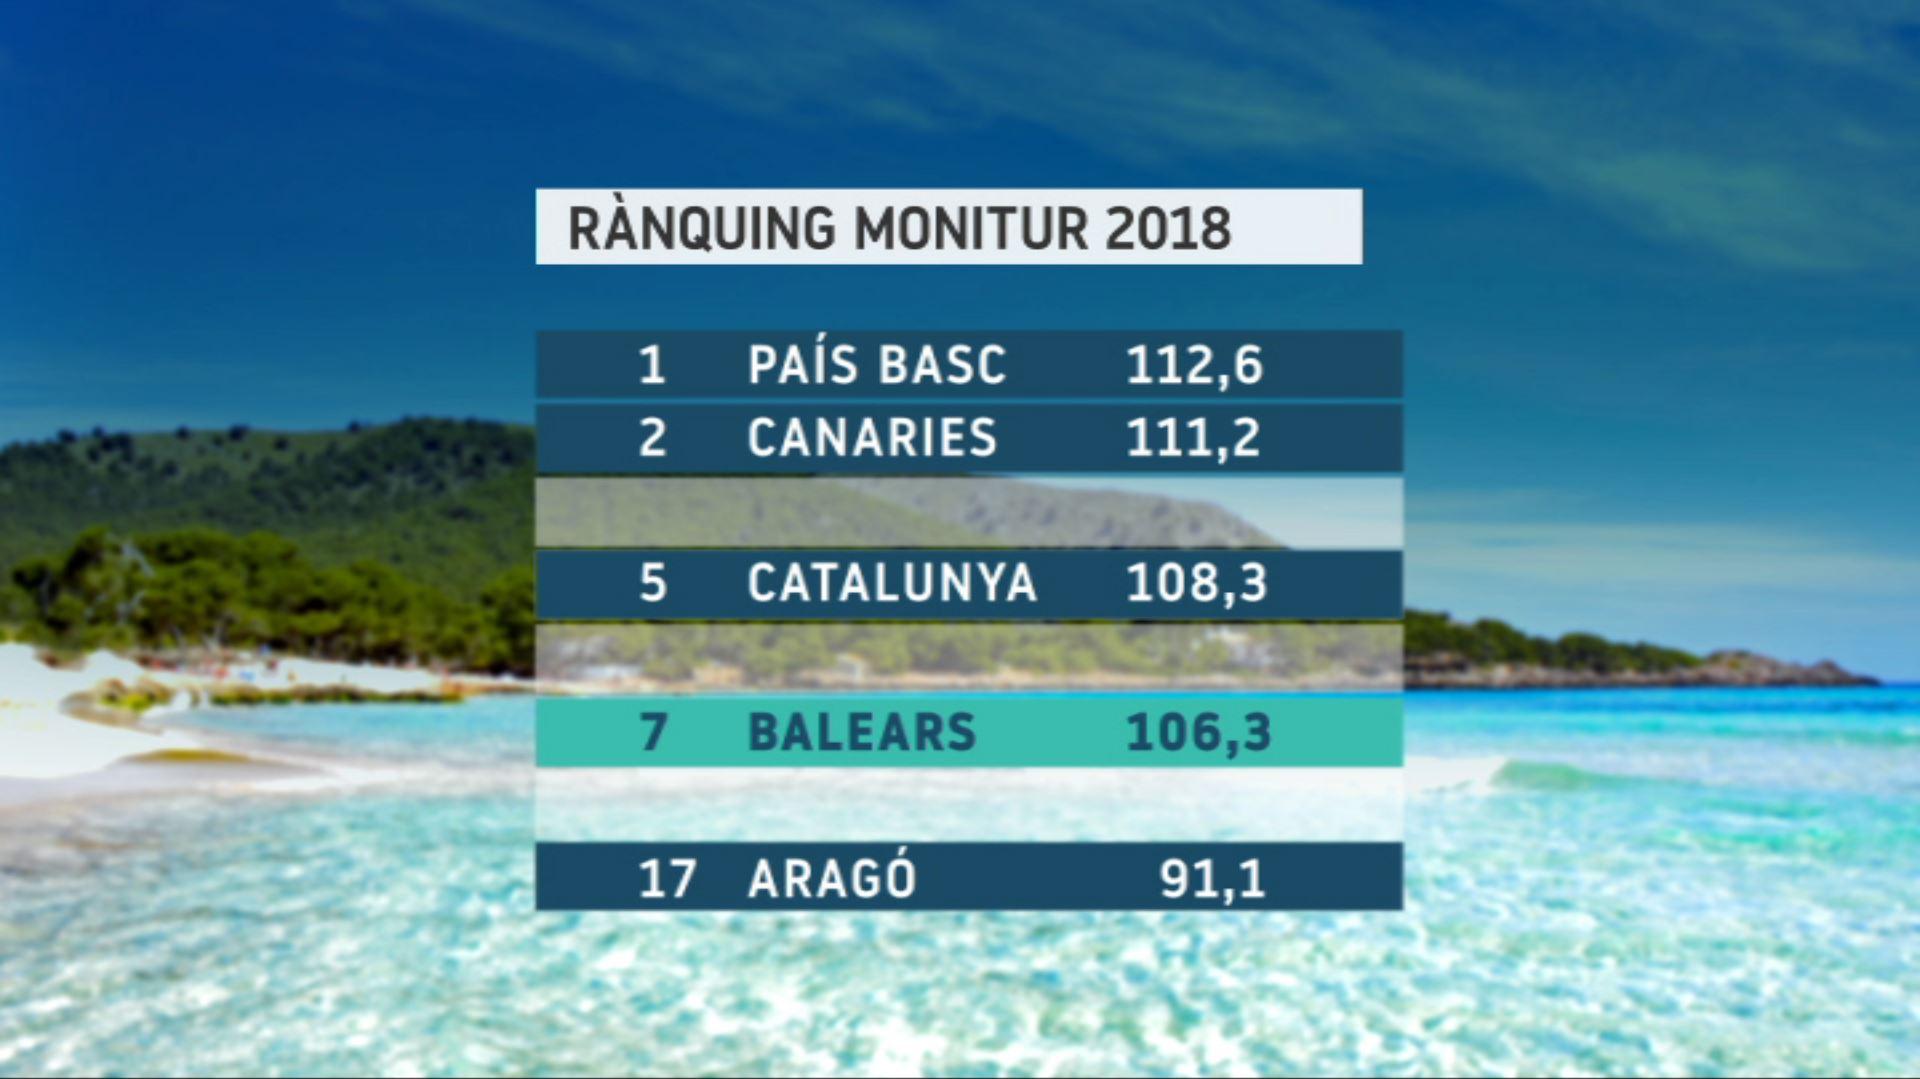 Les+Balears%2C+la+setena+comunitat+en+competitivitat+tur%C3%ADstica%2C+segons+Exceltur